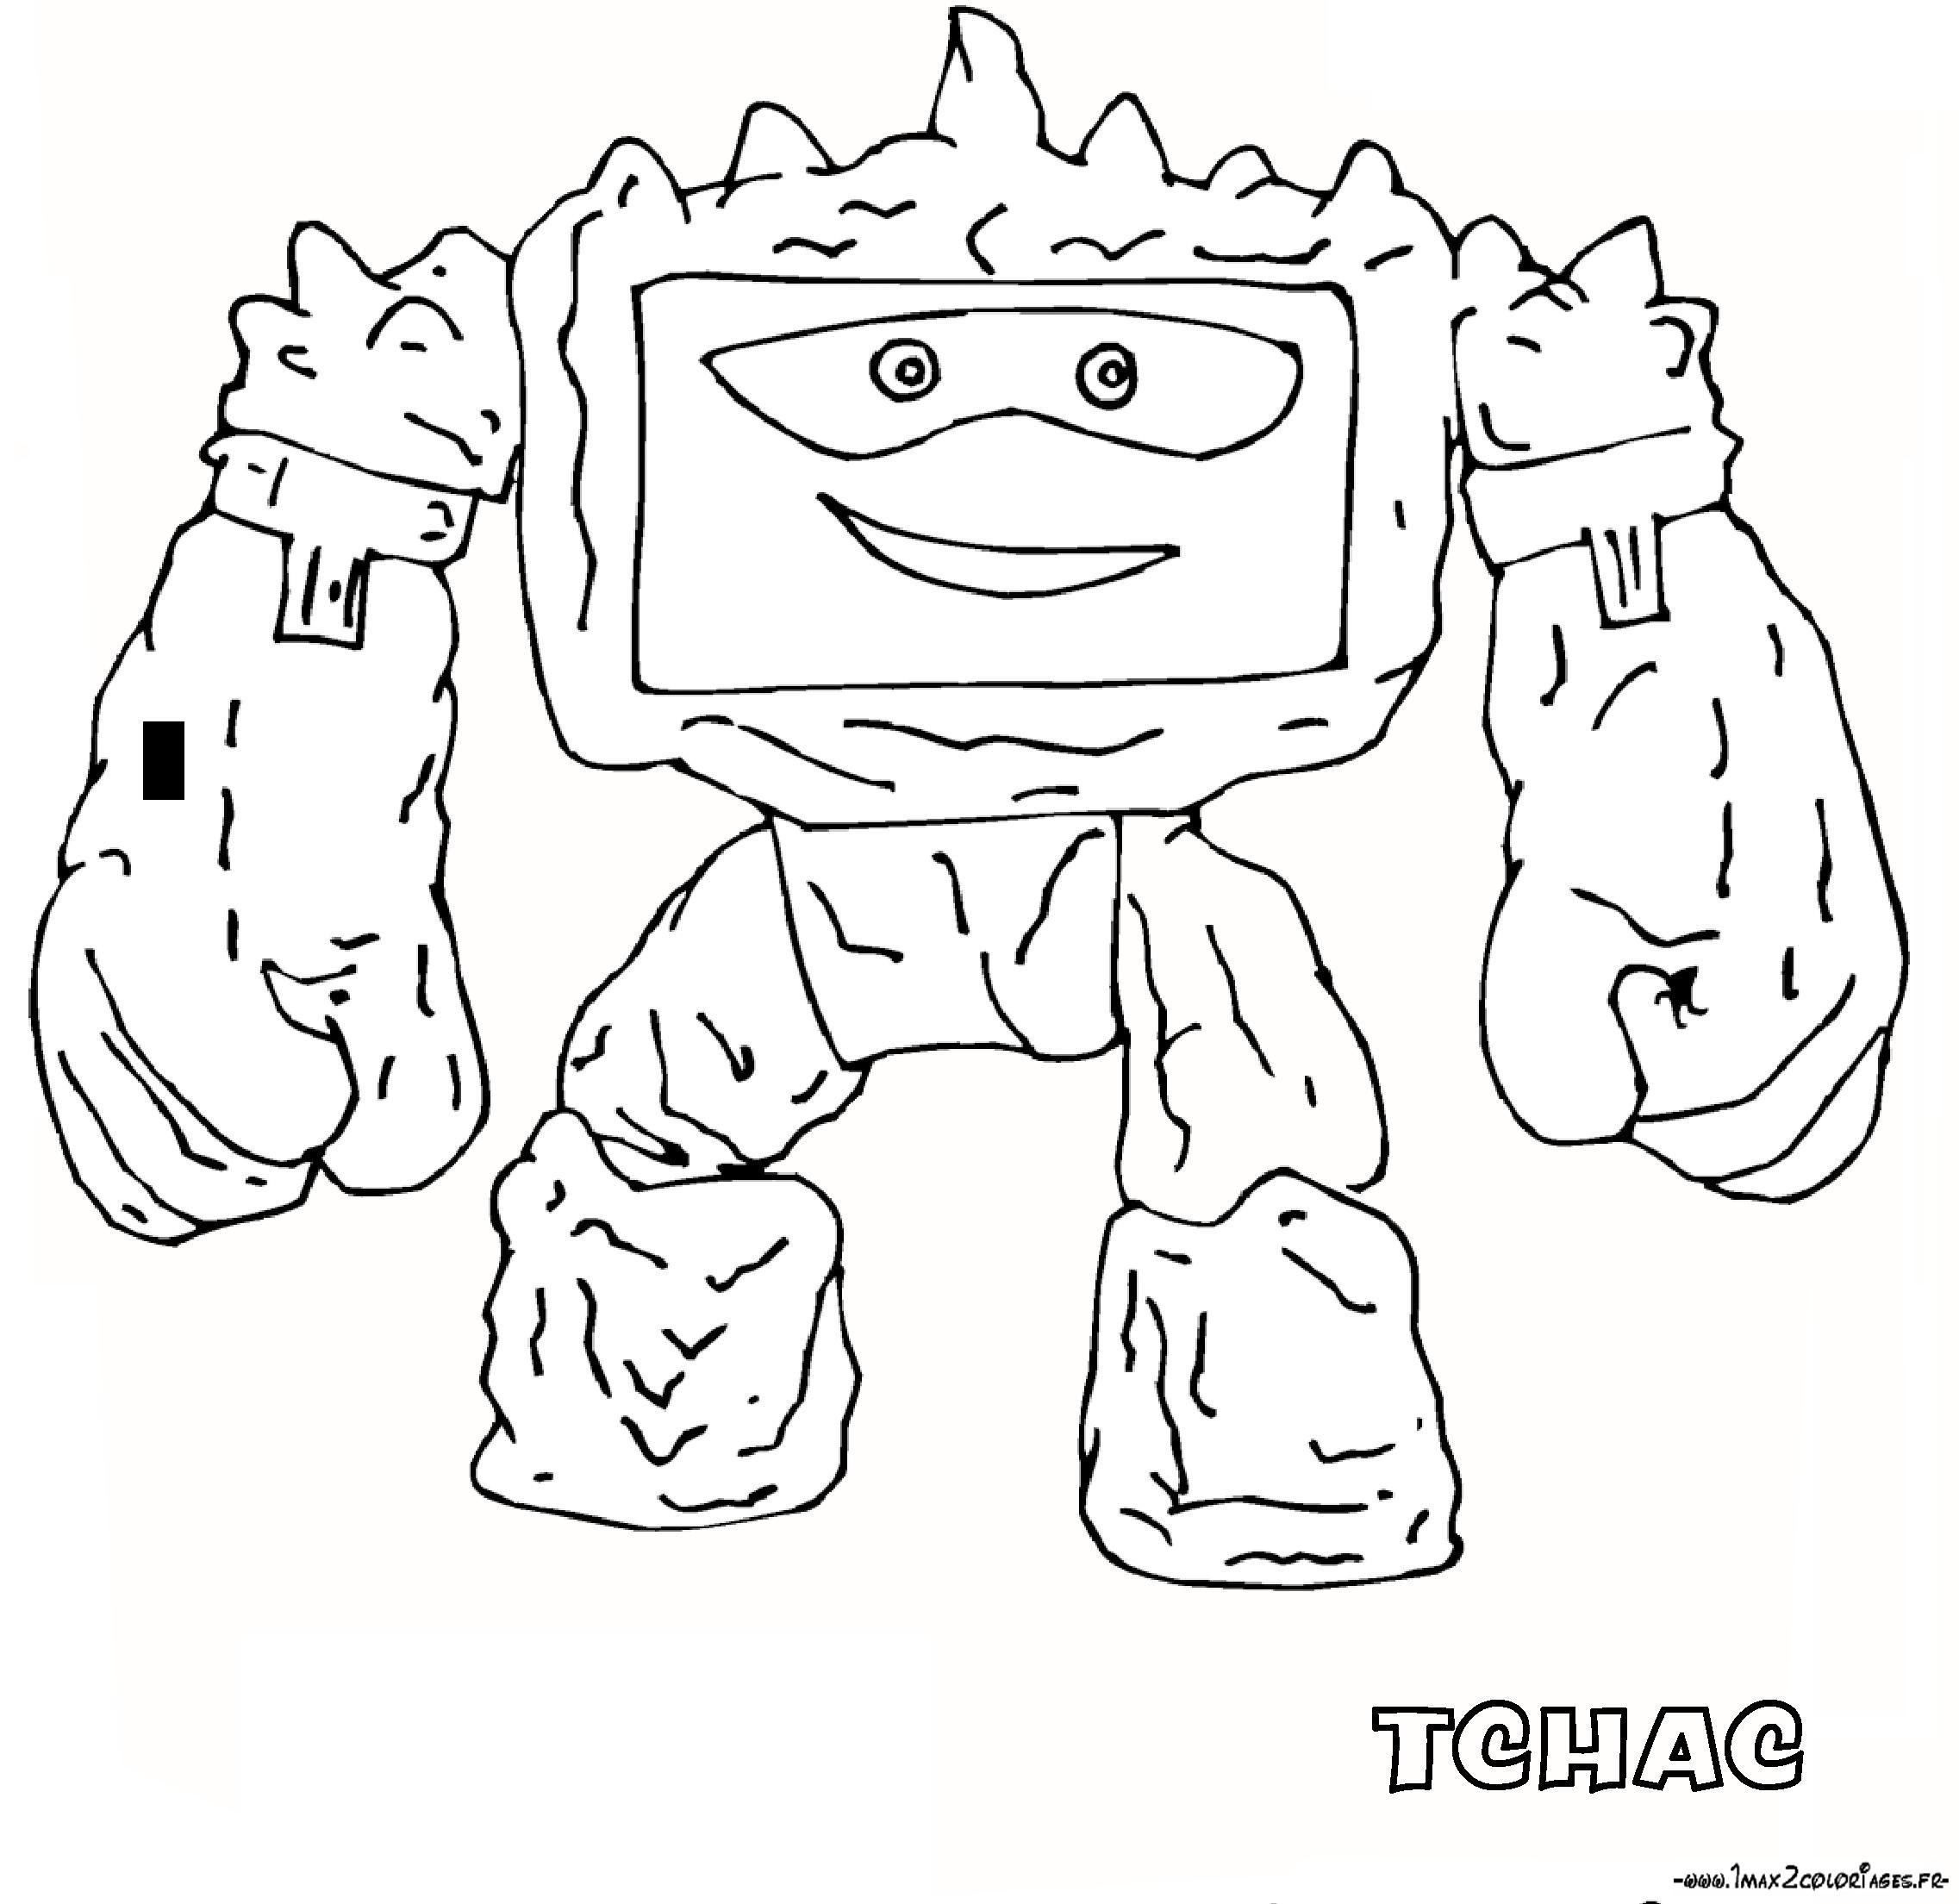 18 dessins de coloriage toy story 3 a imprimer gratuit - Coloriage buzz a imprimer ...